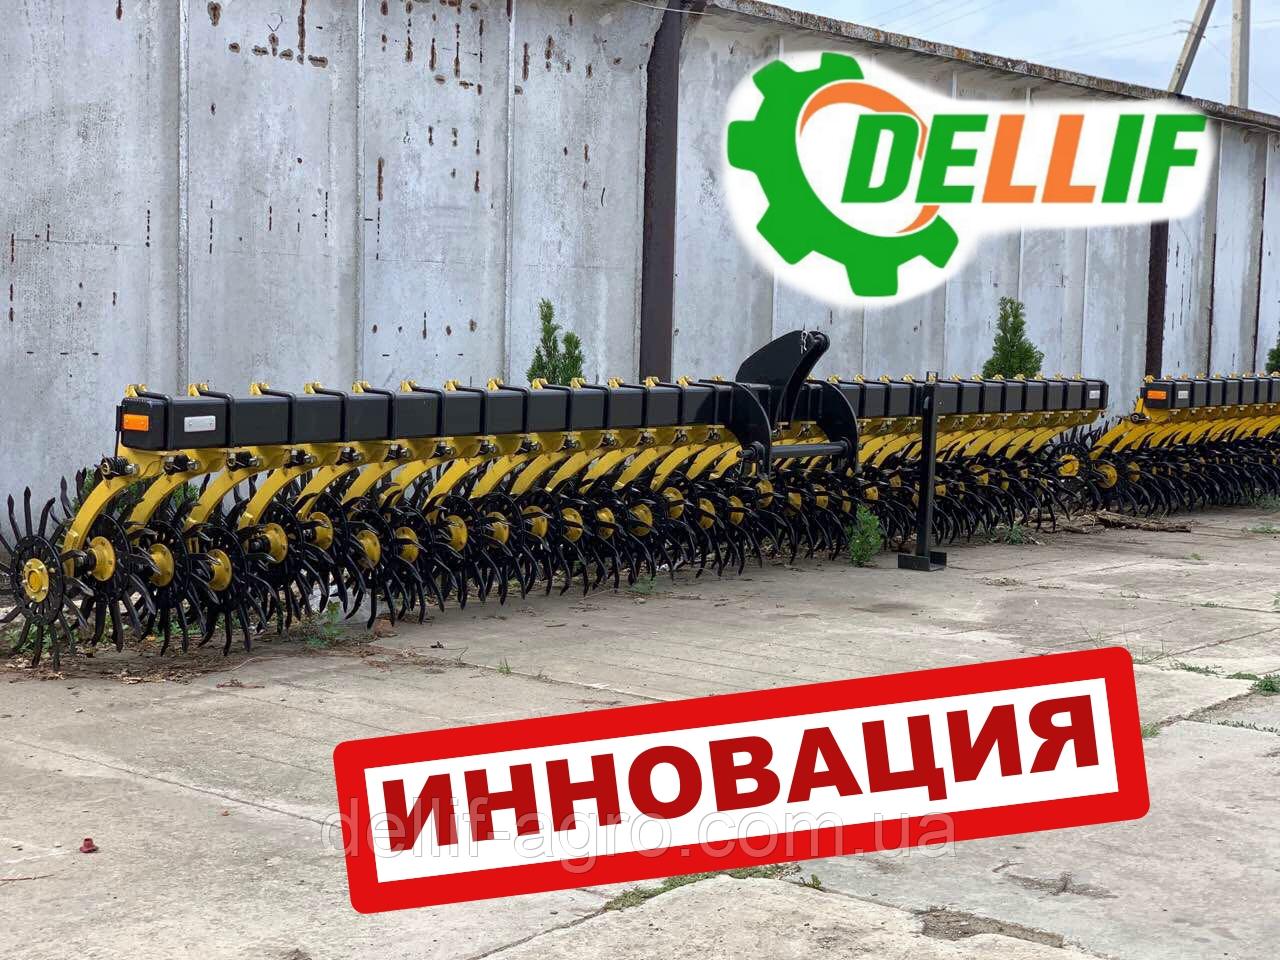 Борона мотига Белла 6 м 29 рабочих органов ИННОВАЦИЯ